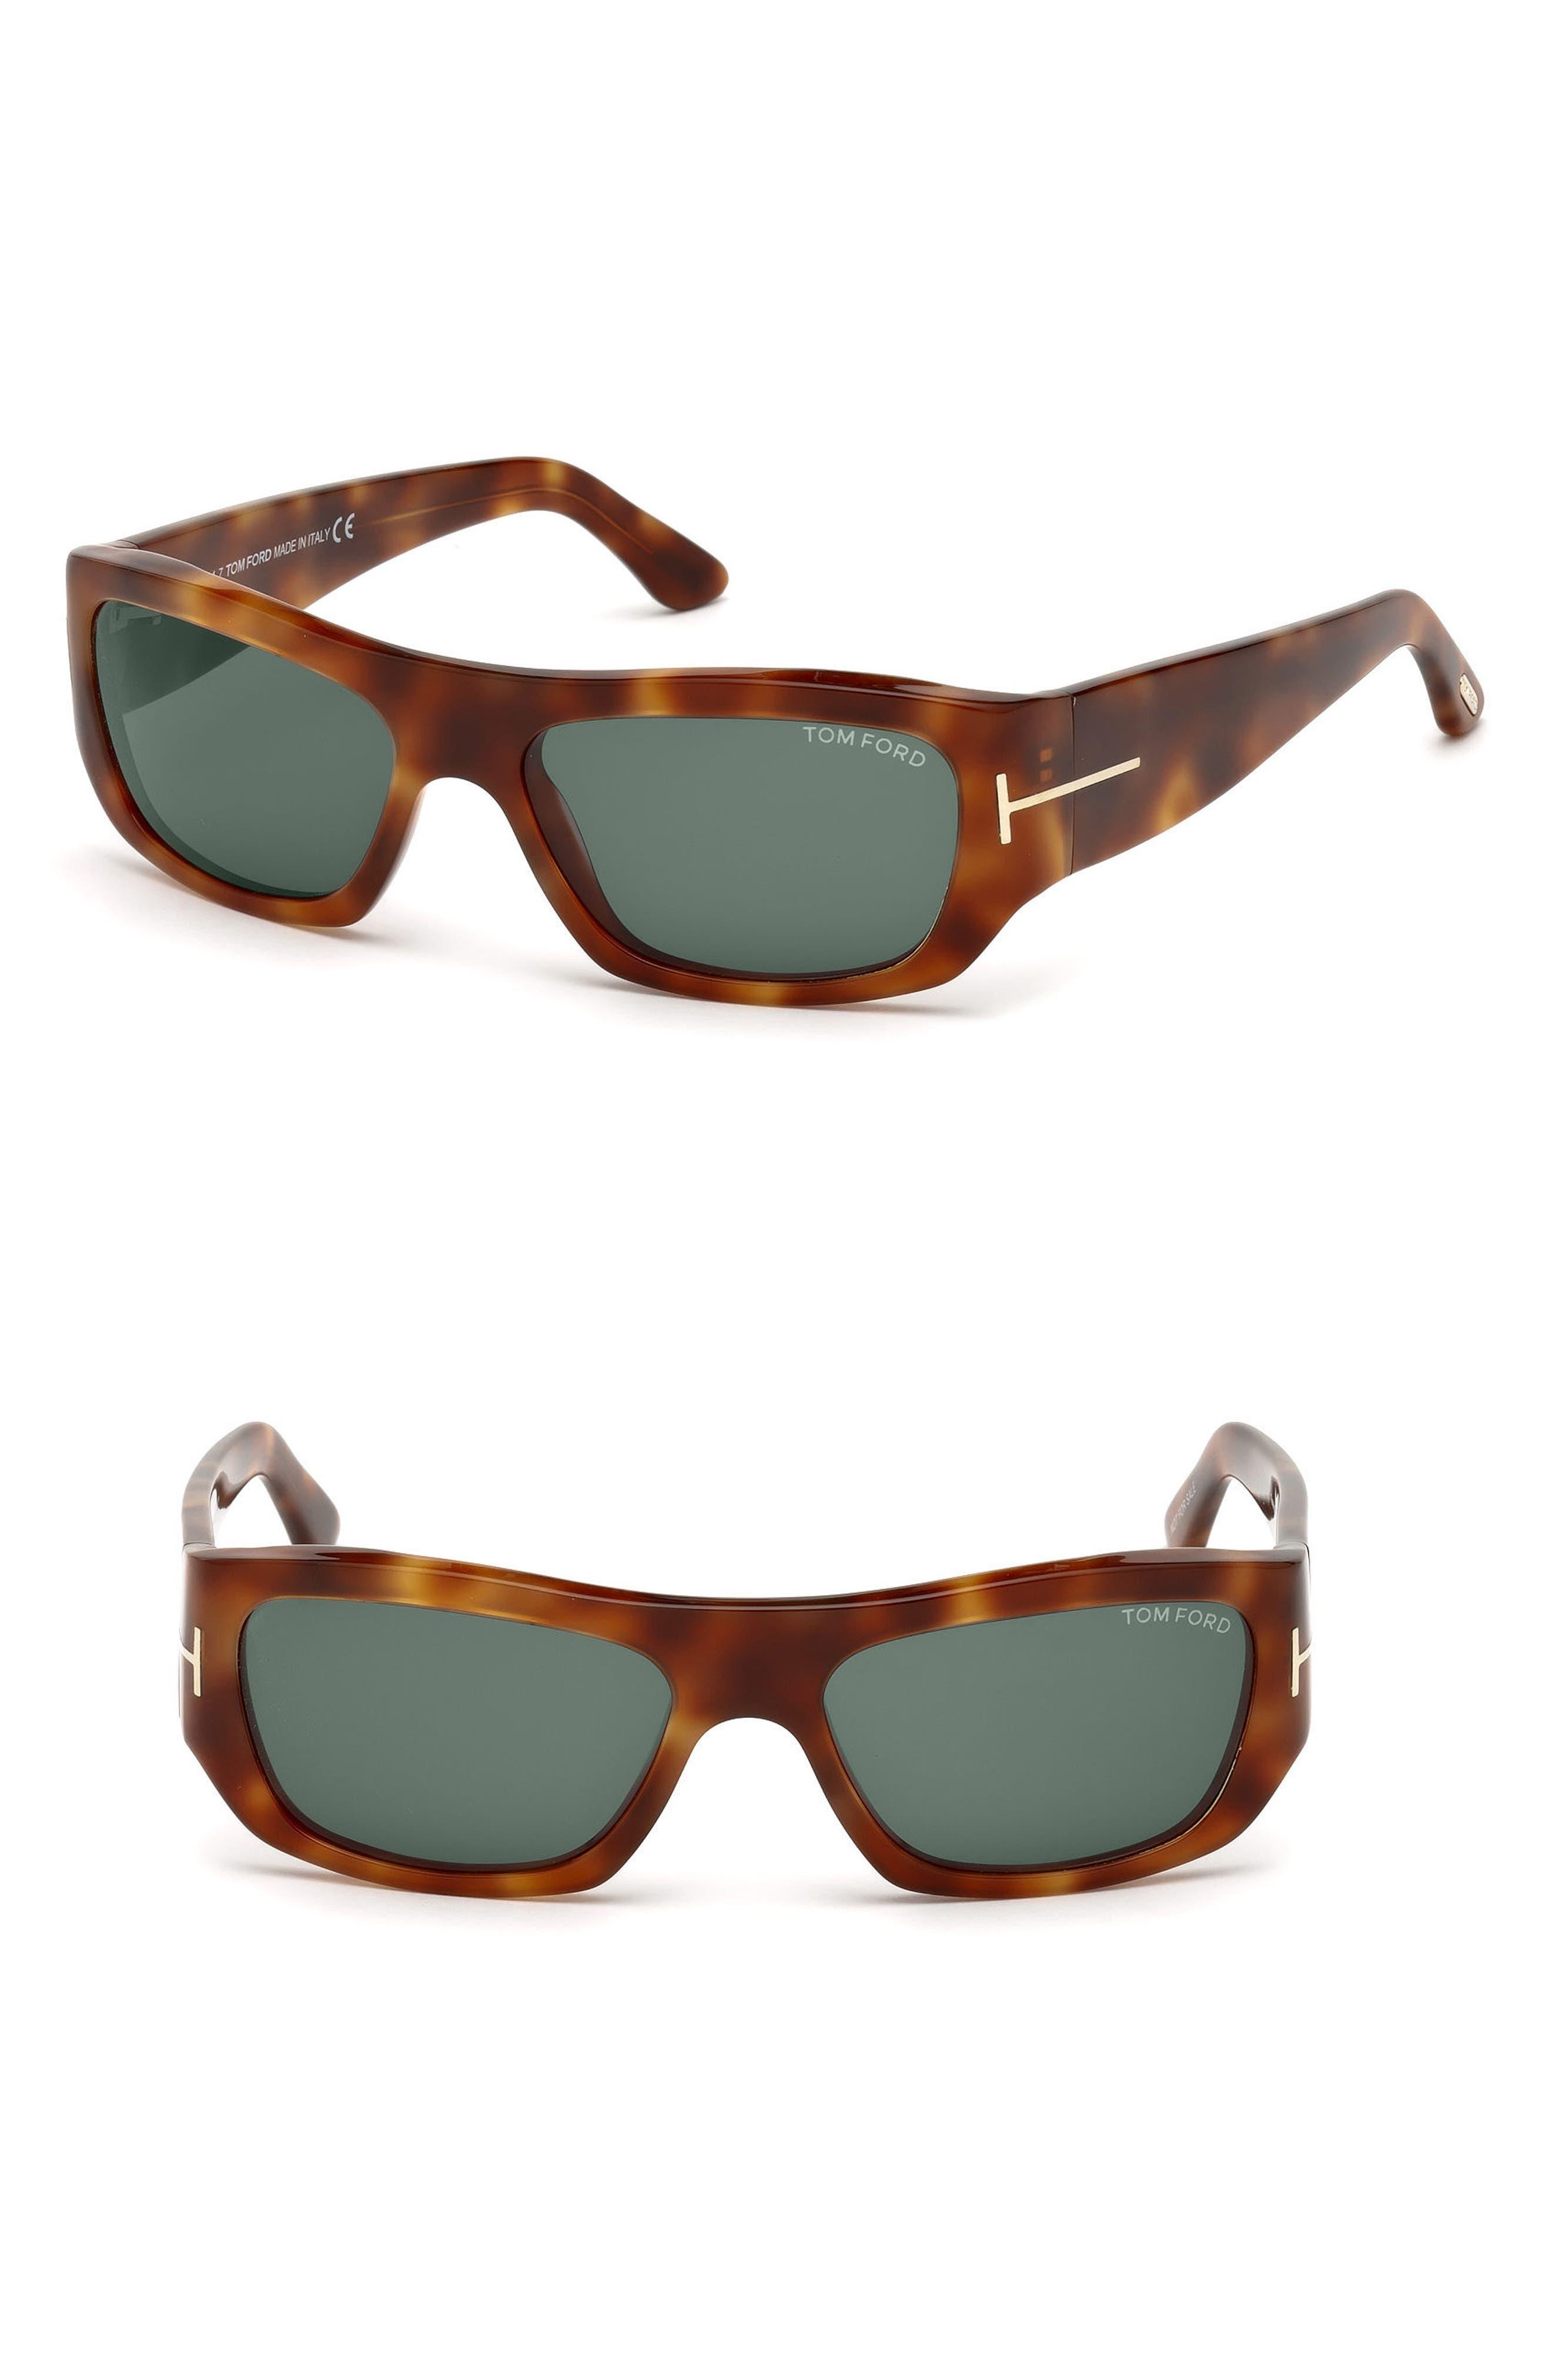 Tom Ford Rodrigo 56mm Sunglasses